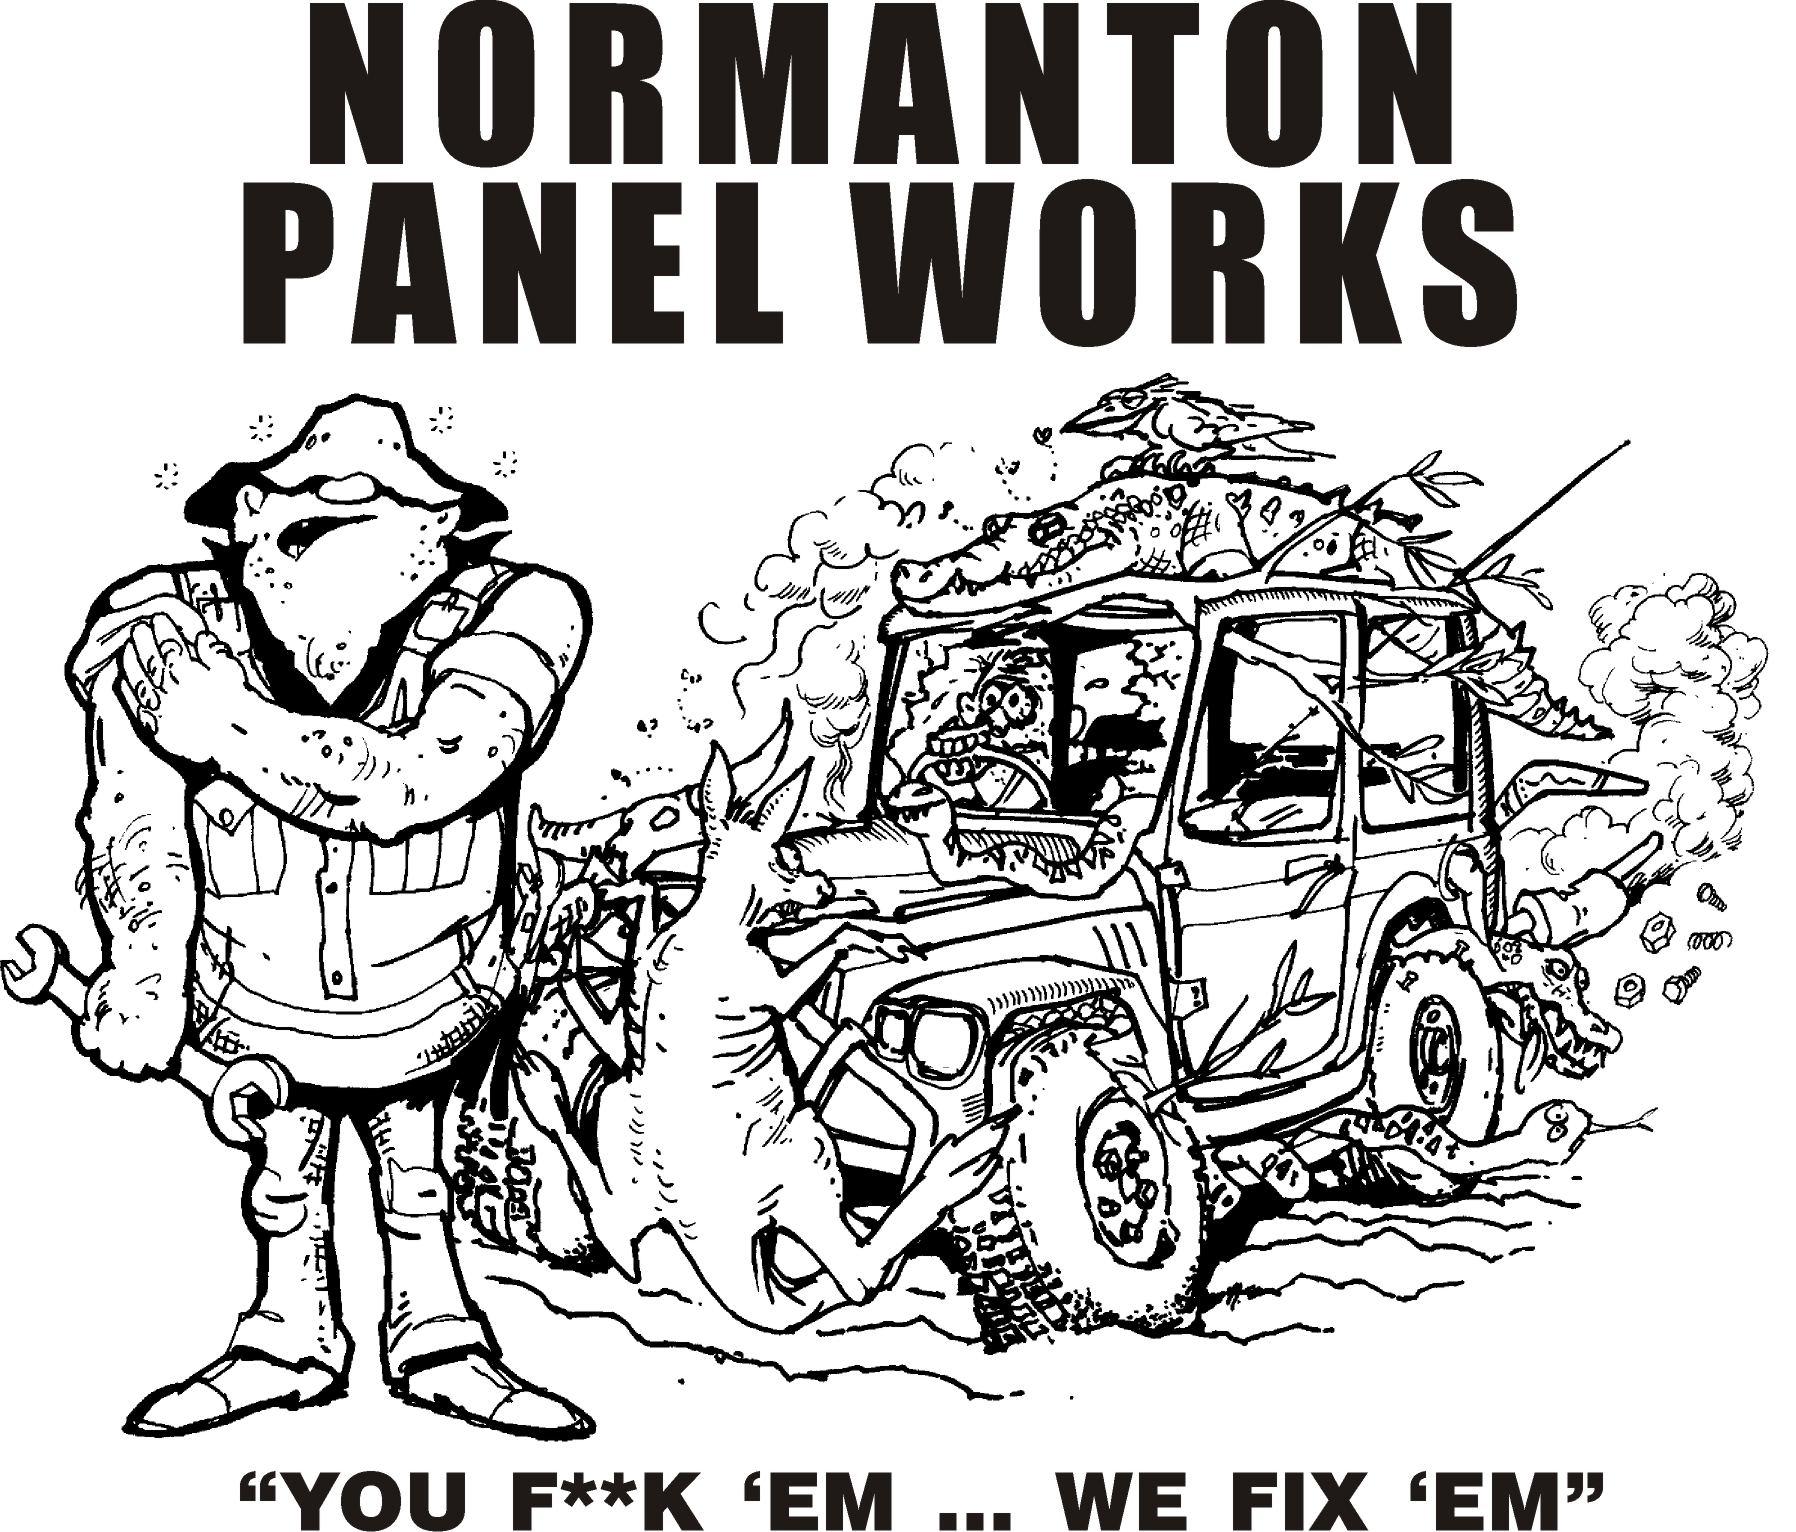 NORMANTONPANELWORKS1